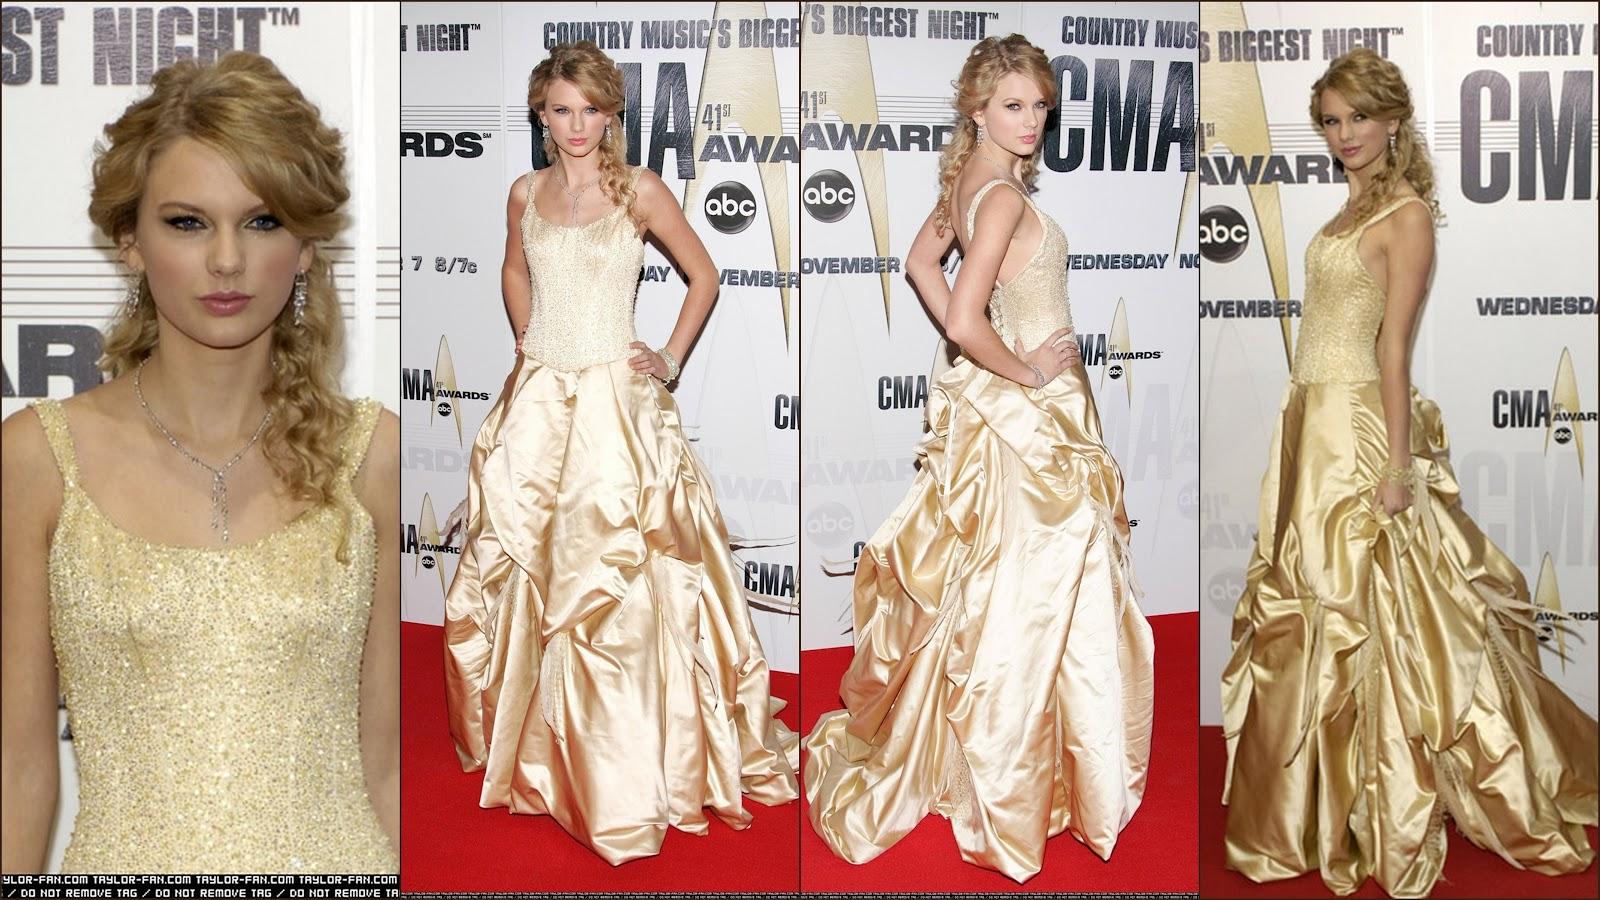 http://3.bp.blogspot.com/-ifutuR_RuzQ/UAcr8ajN5pI/AAAAAAAAAug/MoemKPjG43s/s1600/taylor_swift_cma_awards_2007.jpg